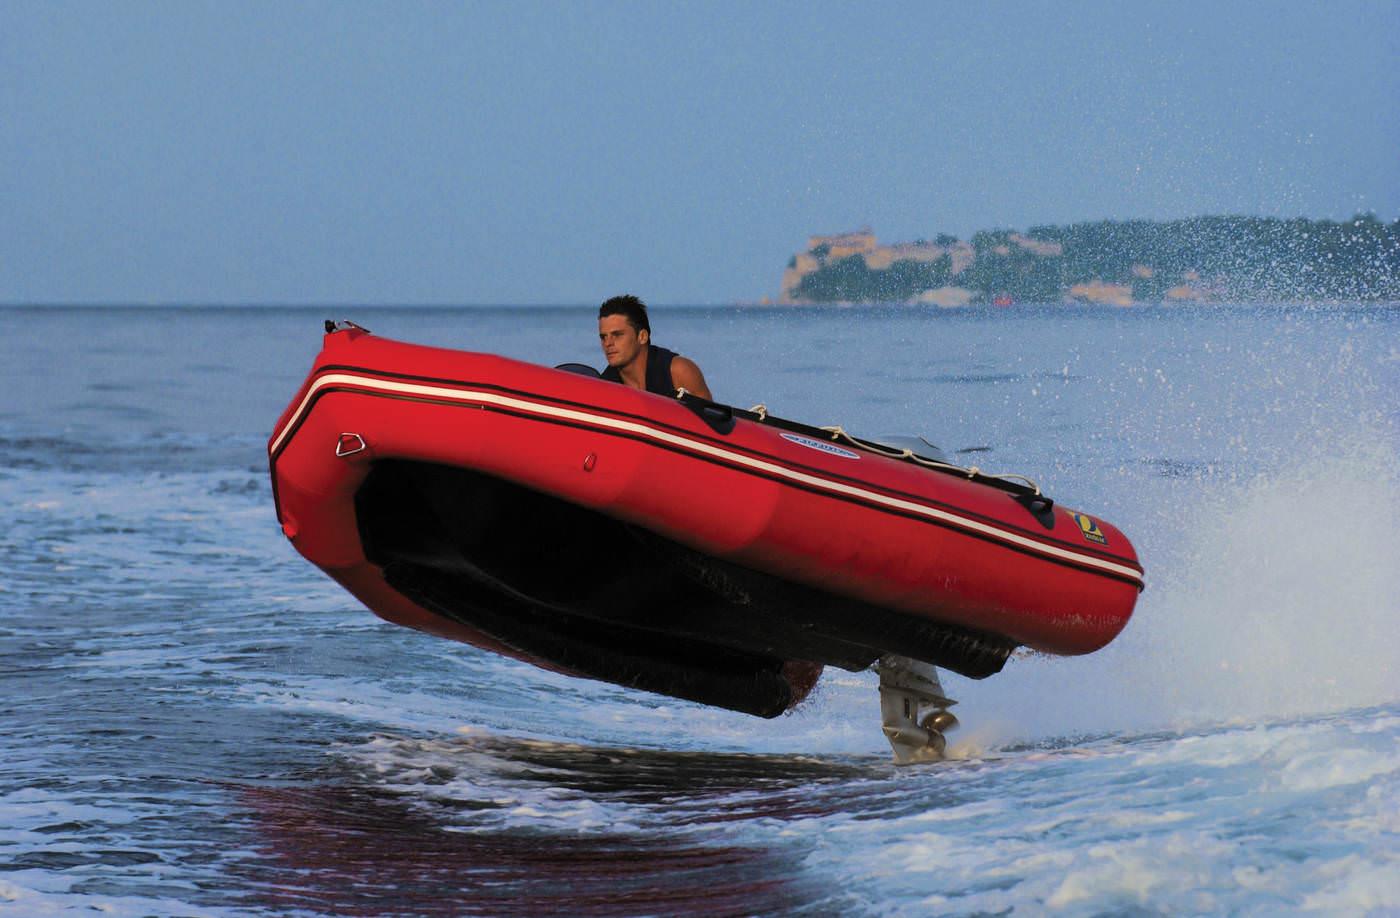 Надуваеми лодки Зодиак / Zodiac Mark Futura